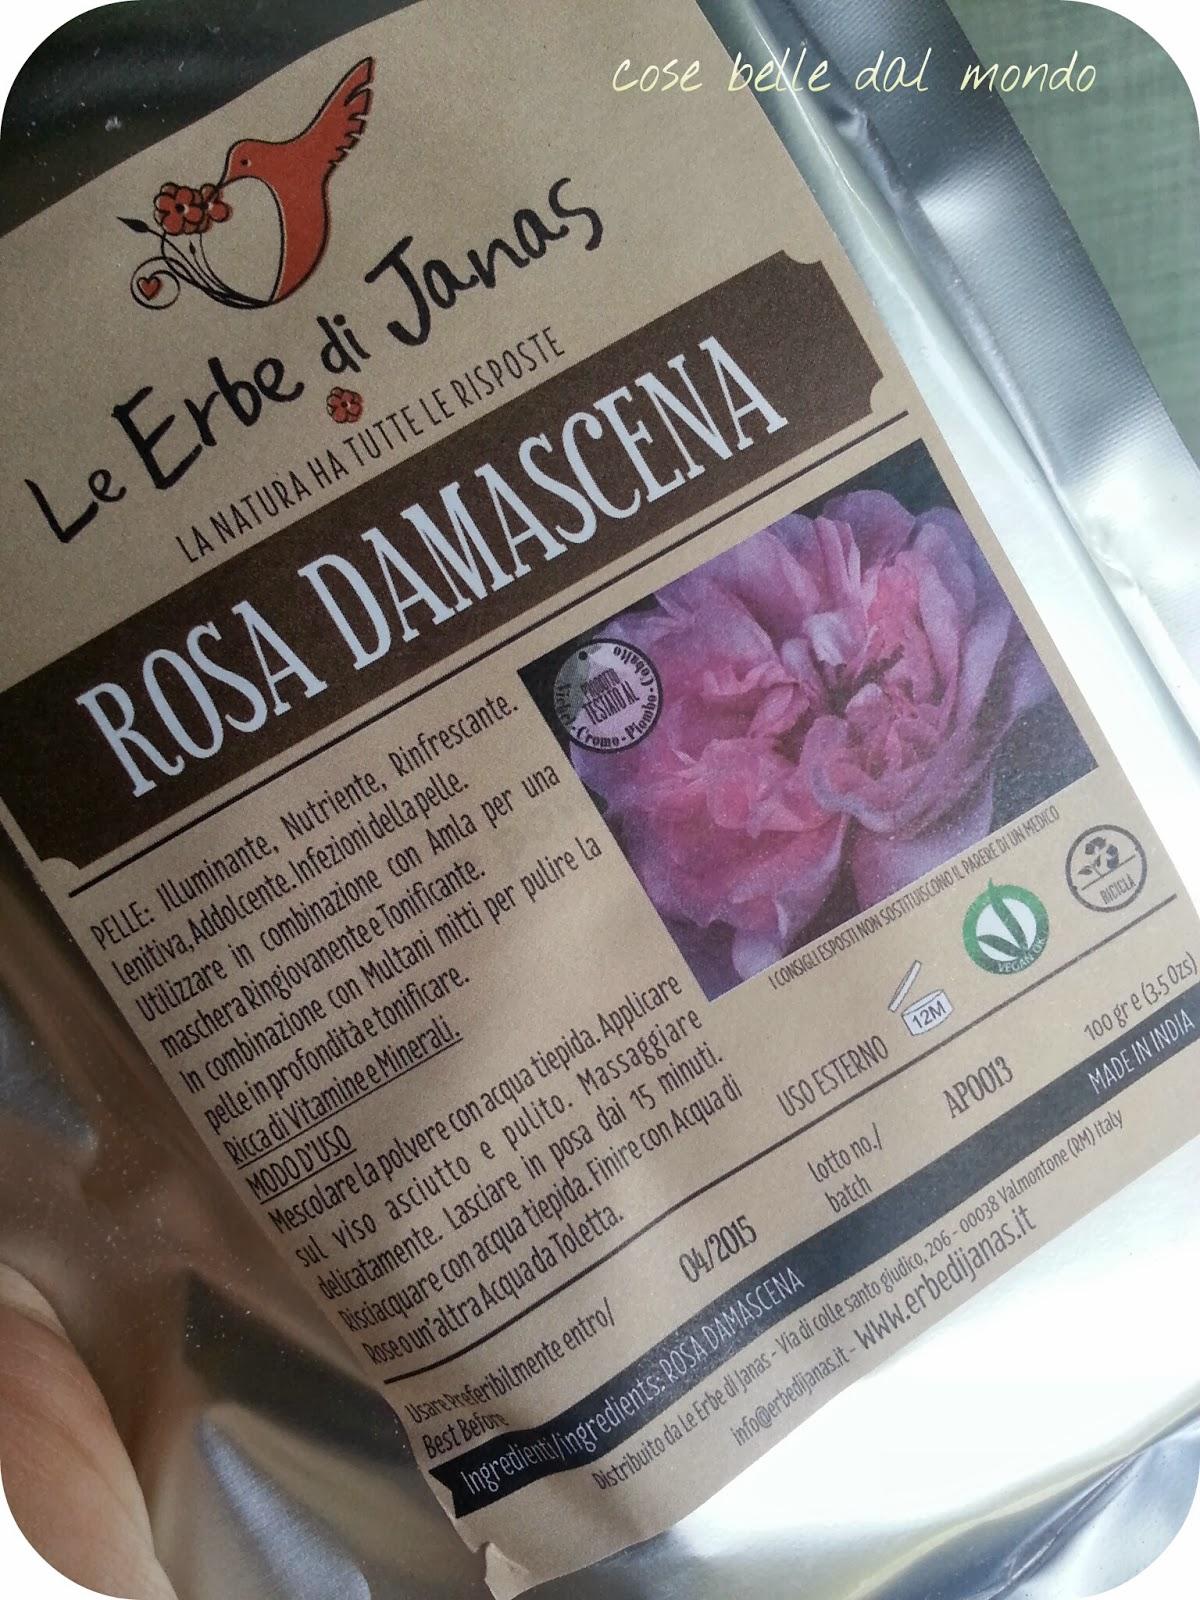 Cose belle dal mondo le erbe di janas rosa damascena for Cose belle dal mondo